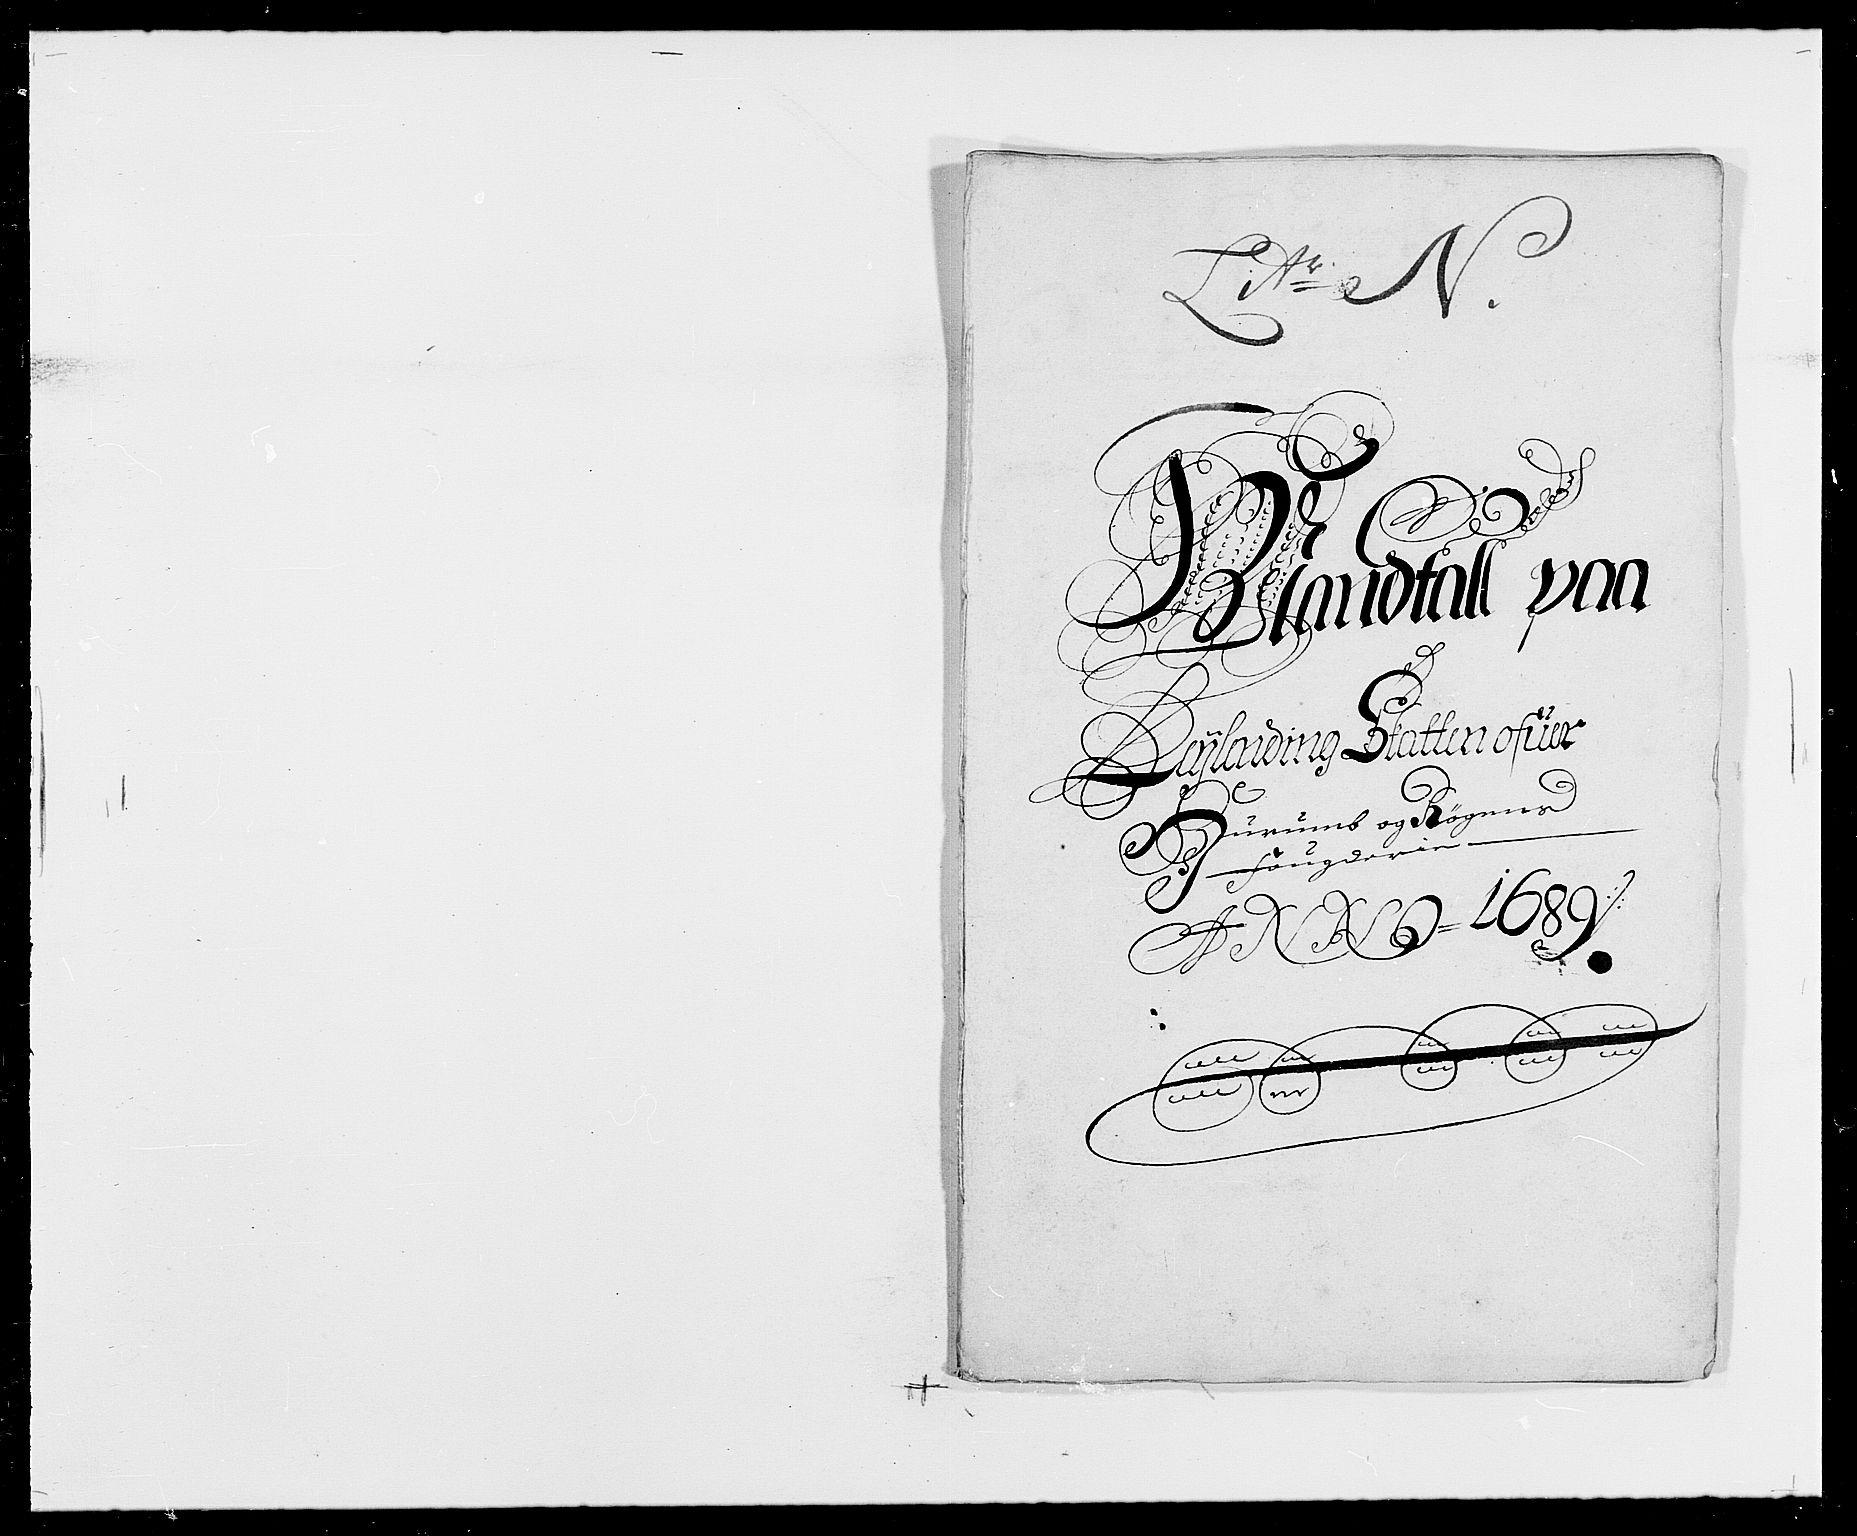 RA, Rentekammeret inntil 1814, Reviderte regnskaper, Fogderegnskap, R29/L1693: Fogderegnskap Hurum og Røyken, 1688-1693, s. 103